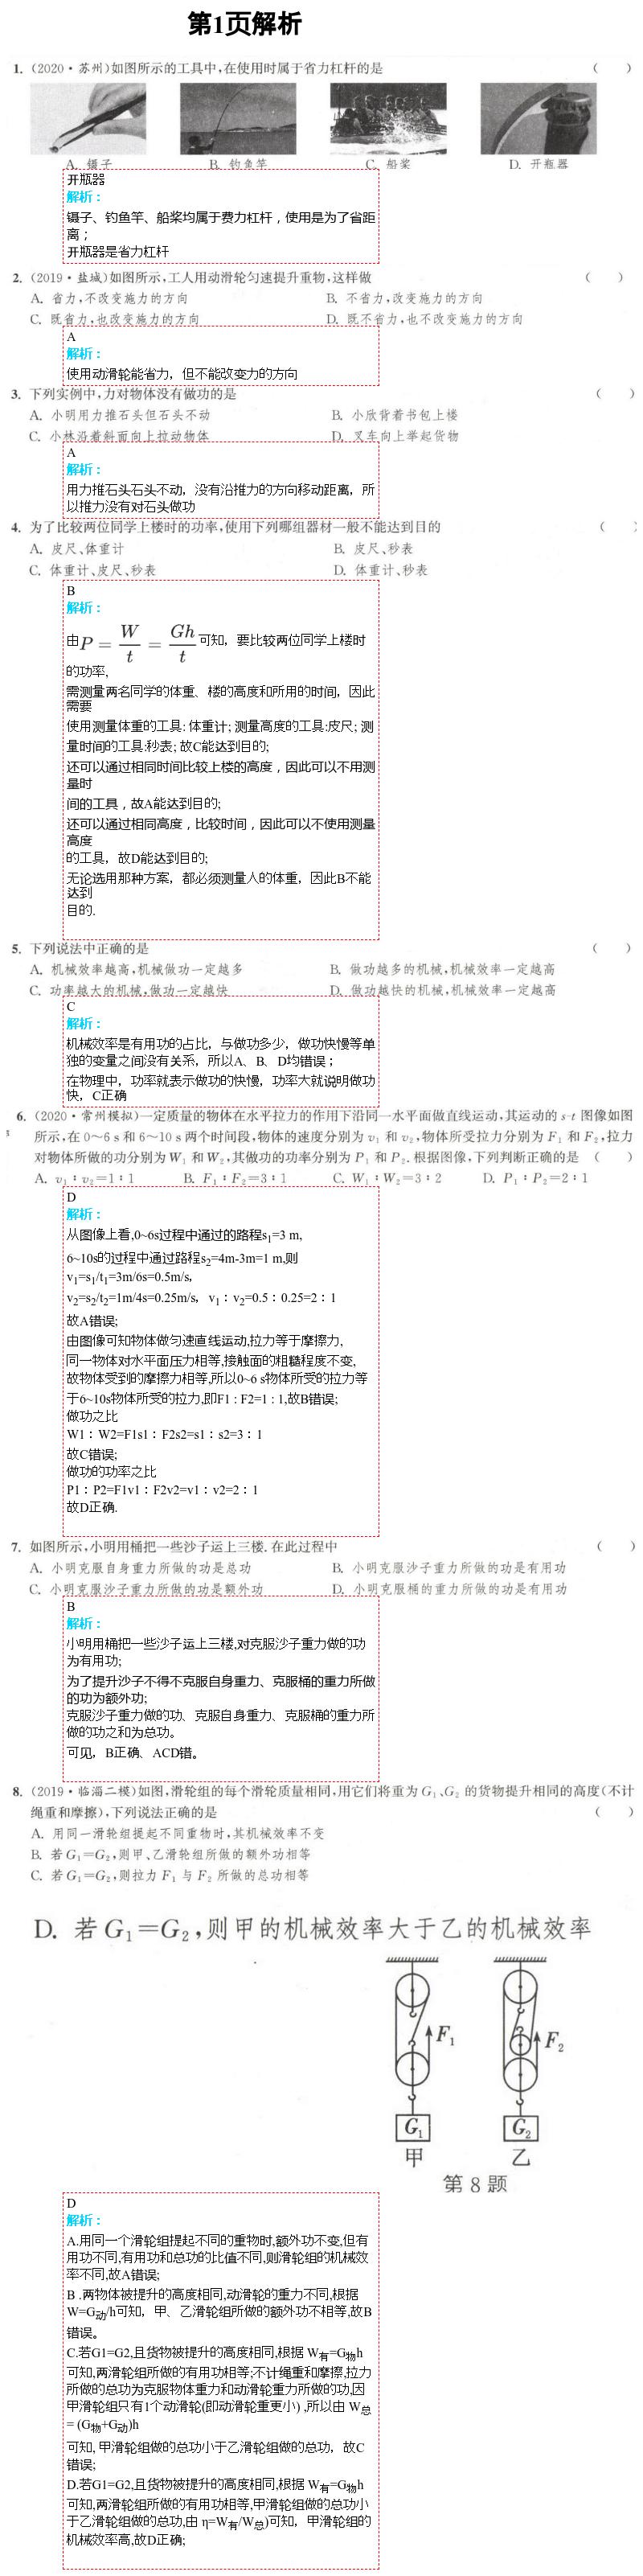 2021年通城学典课时作业本九年级物理上册苏科版江苏专用第1页